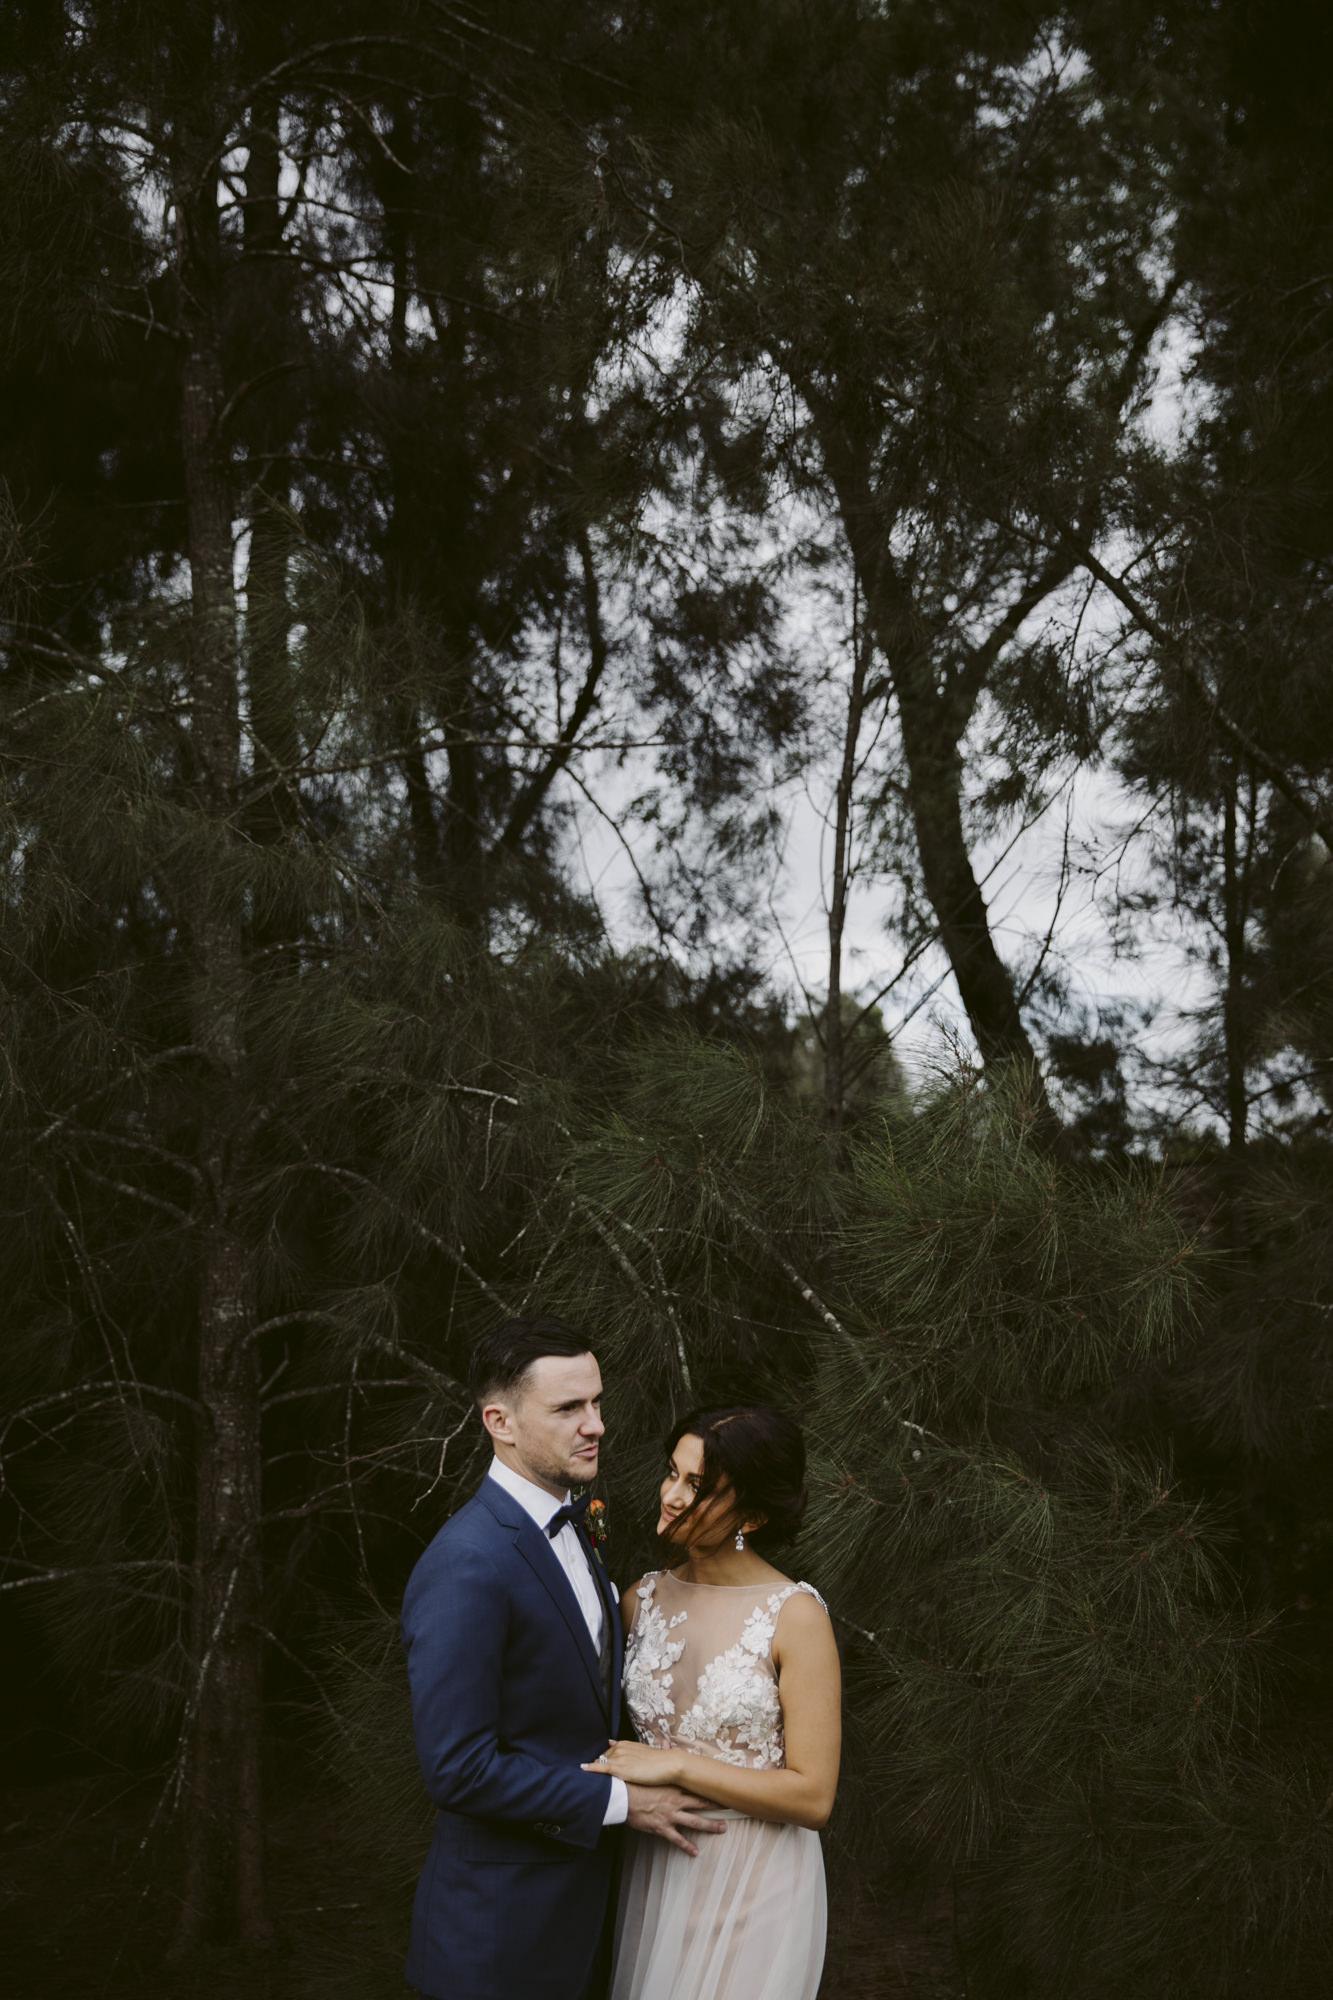 Anna Turner Sydney Wedding Photographer-98.jpg